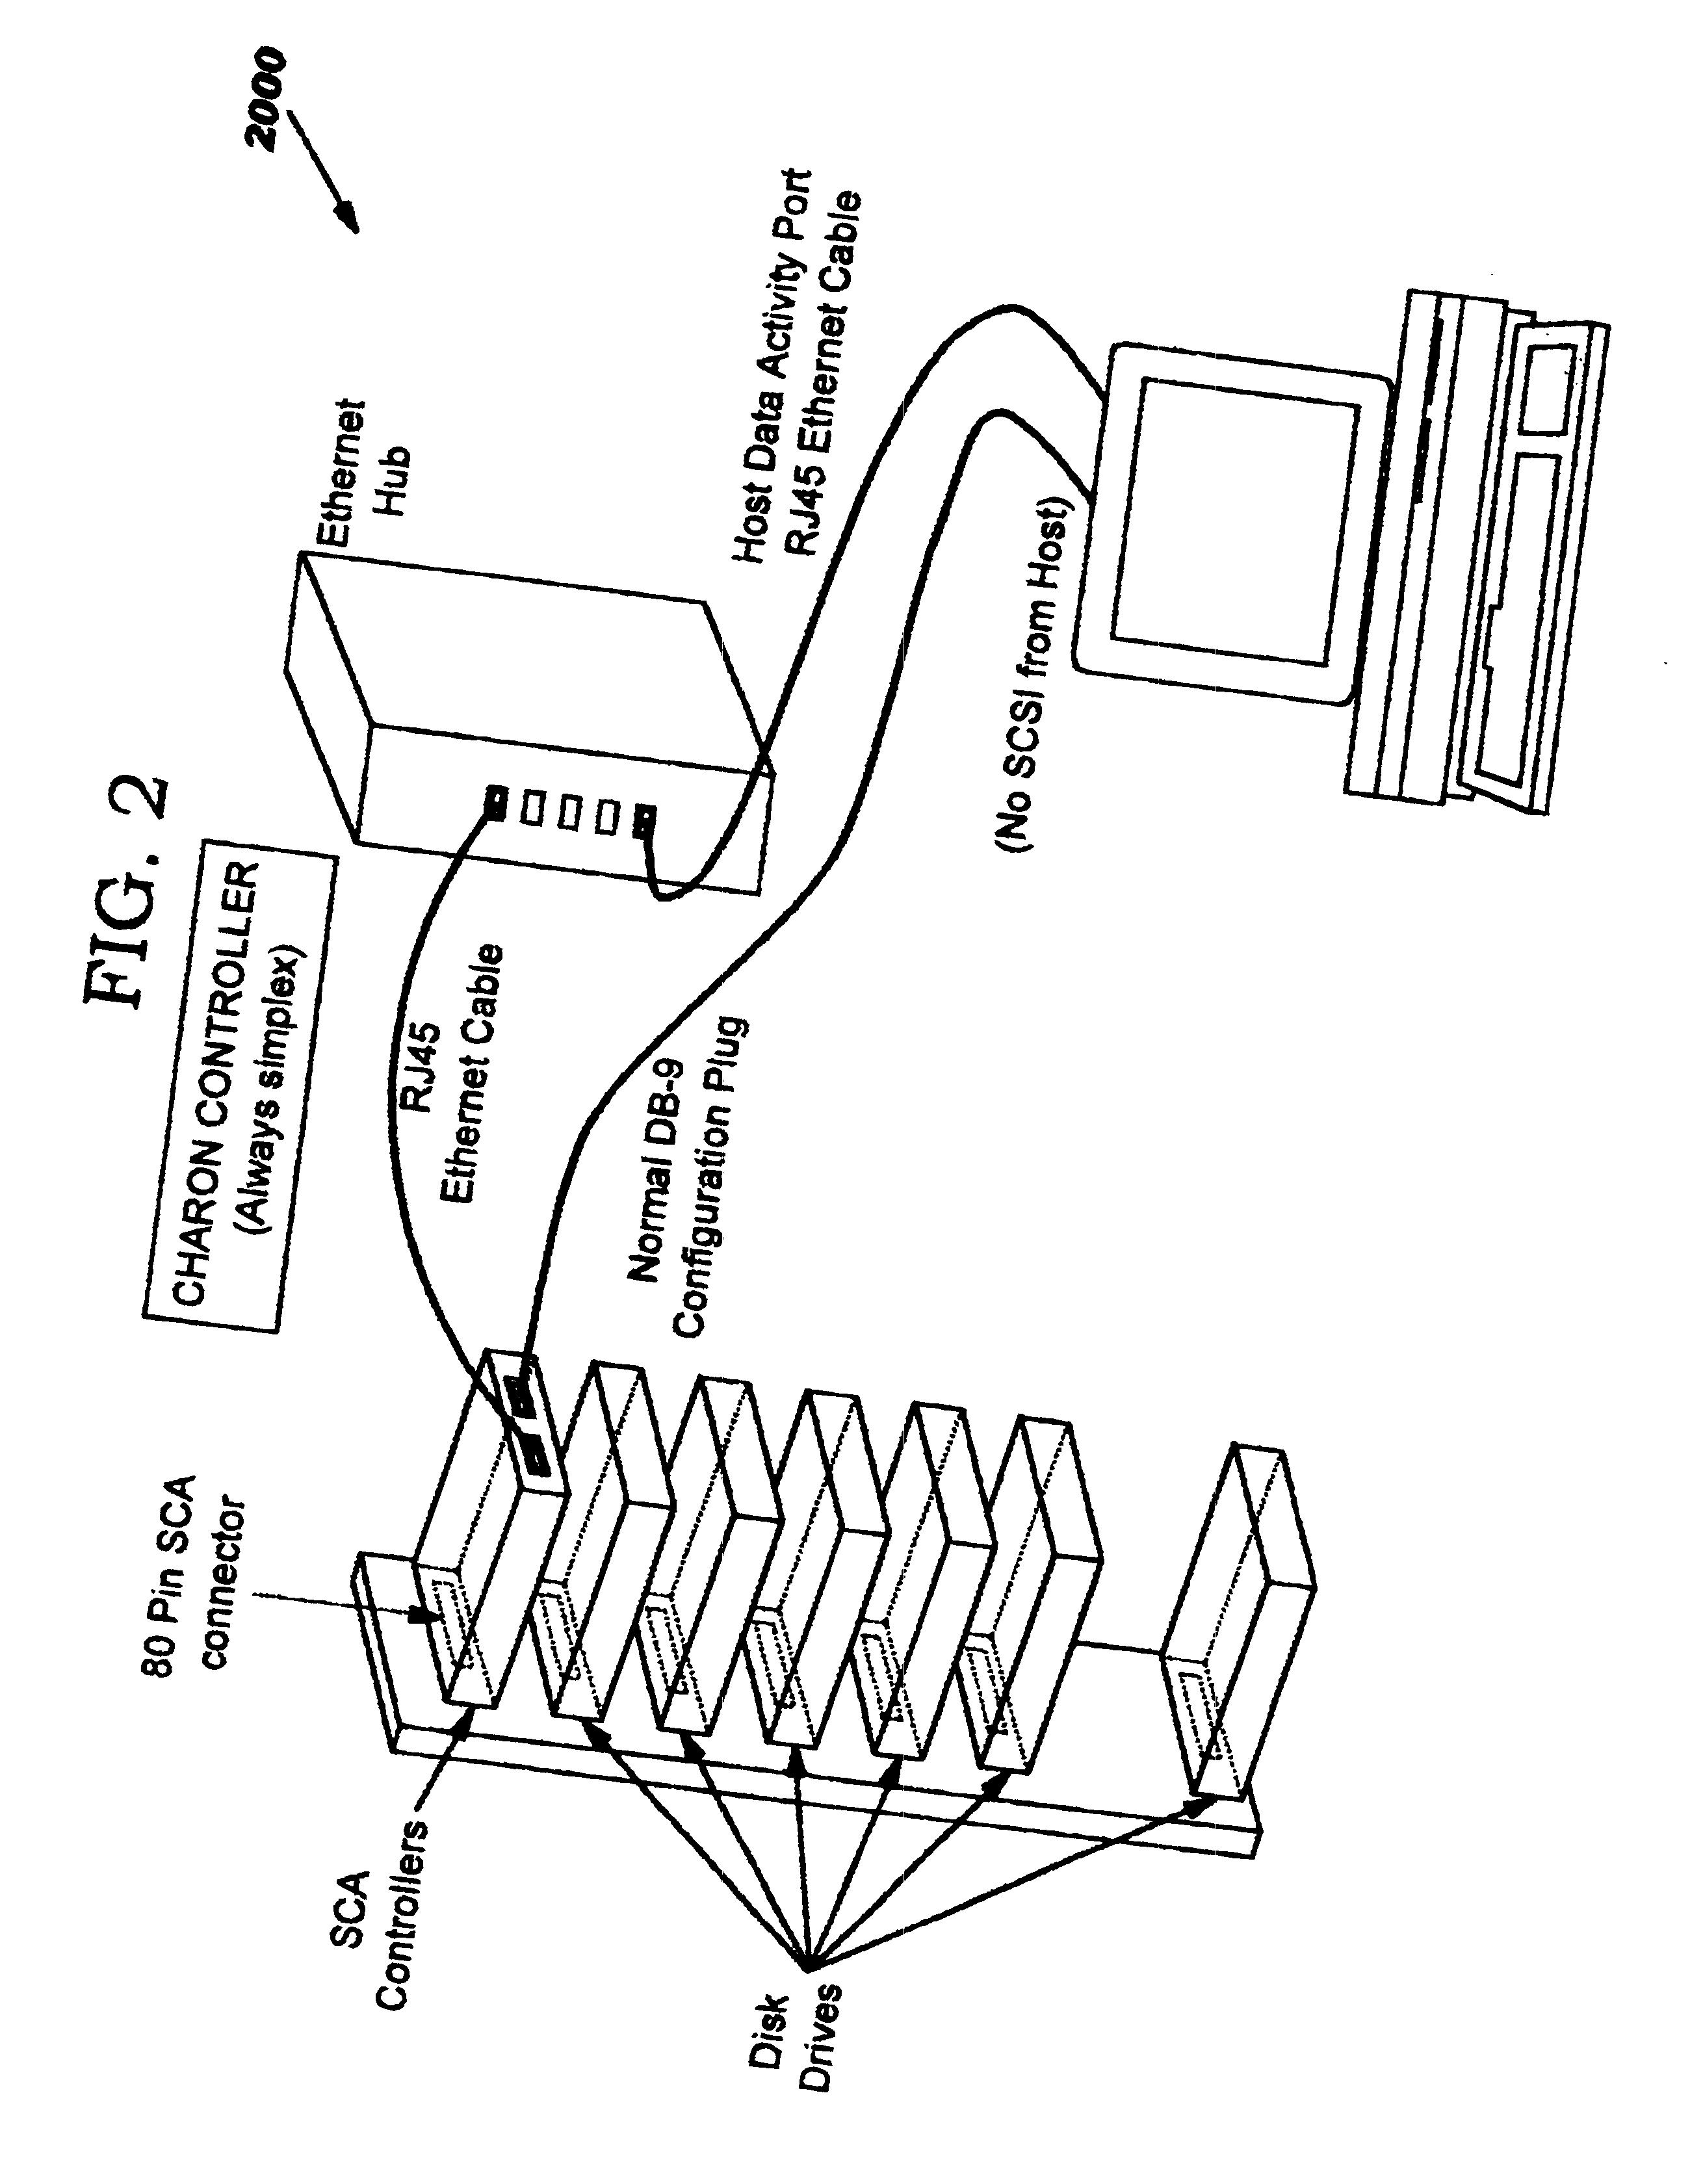 patent us6625144